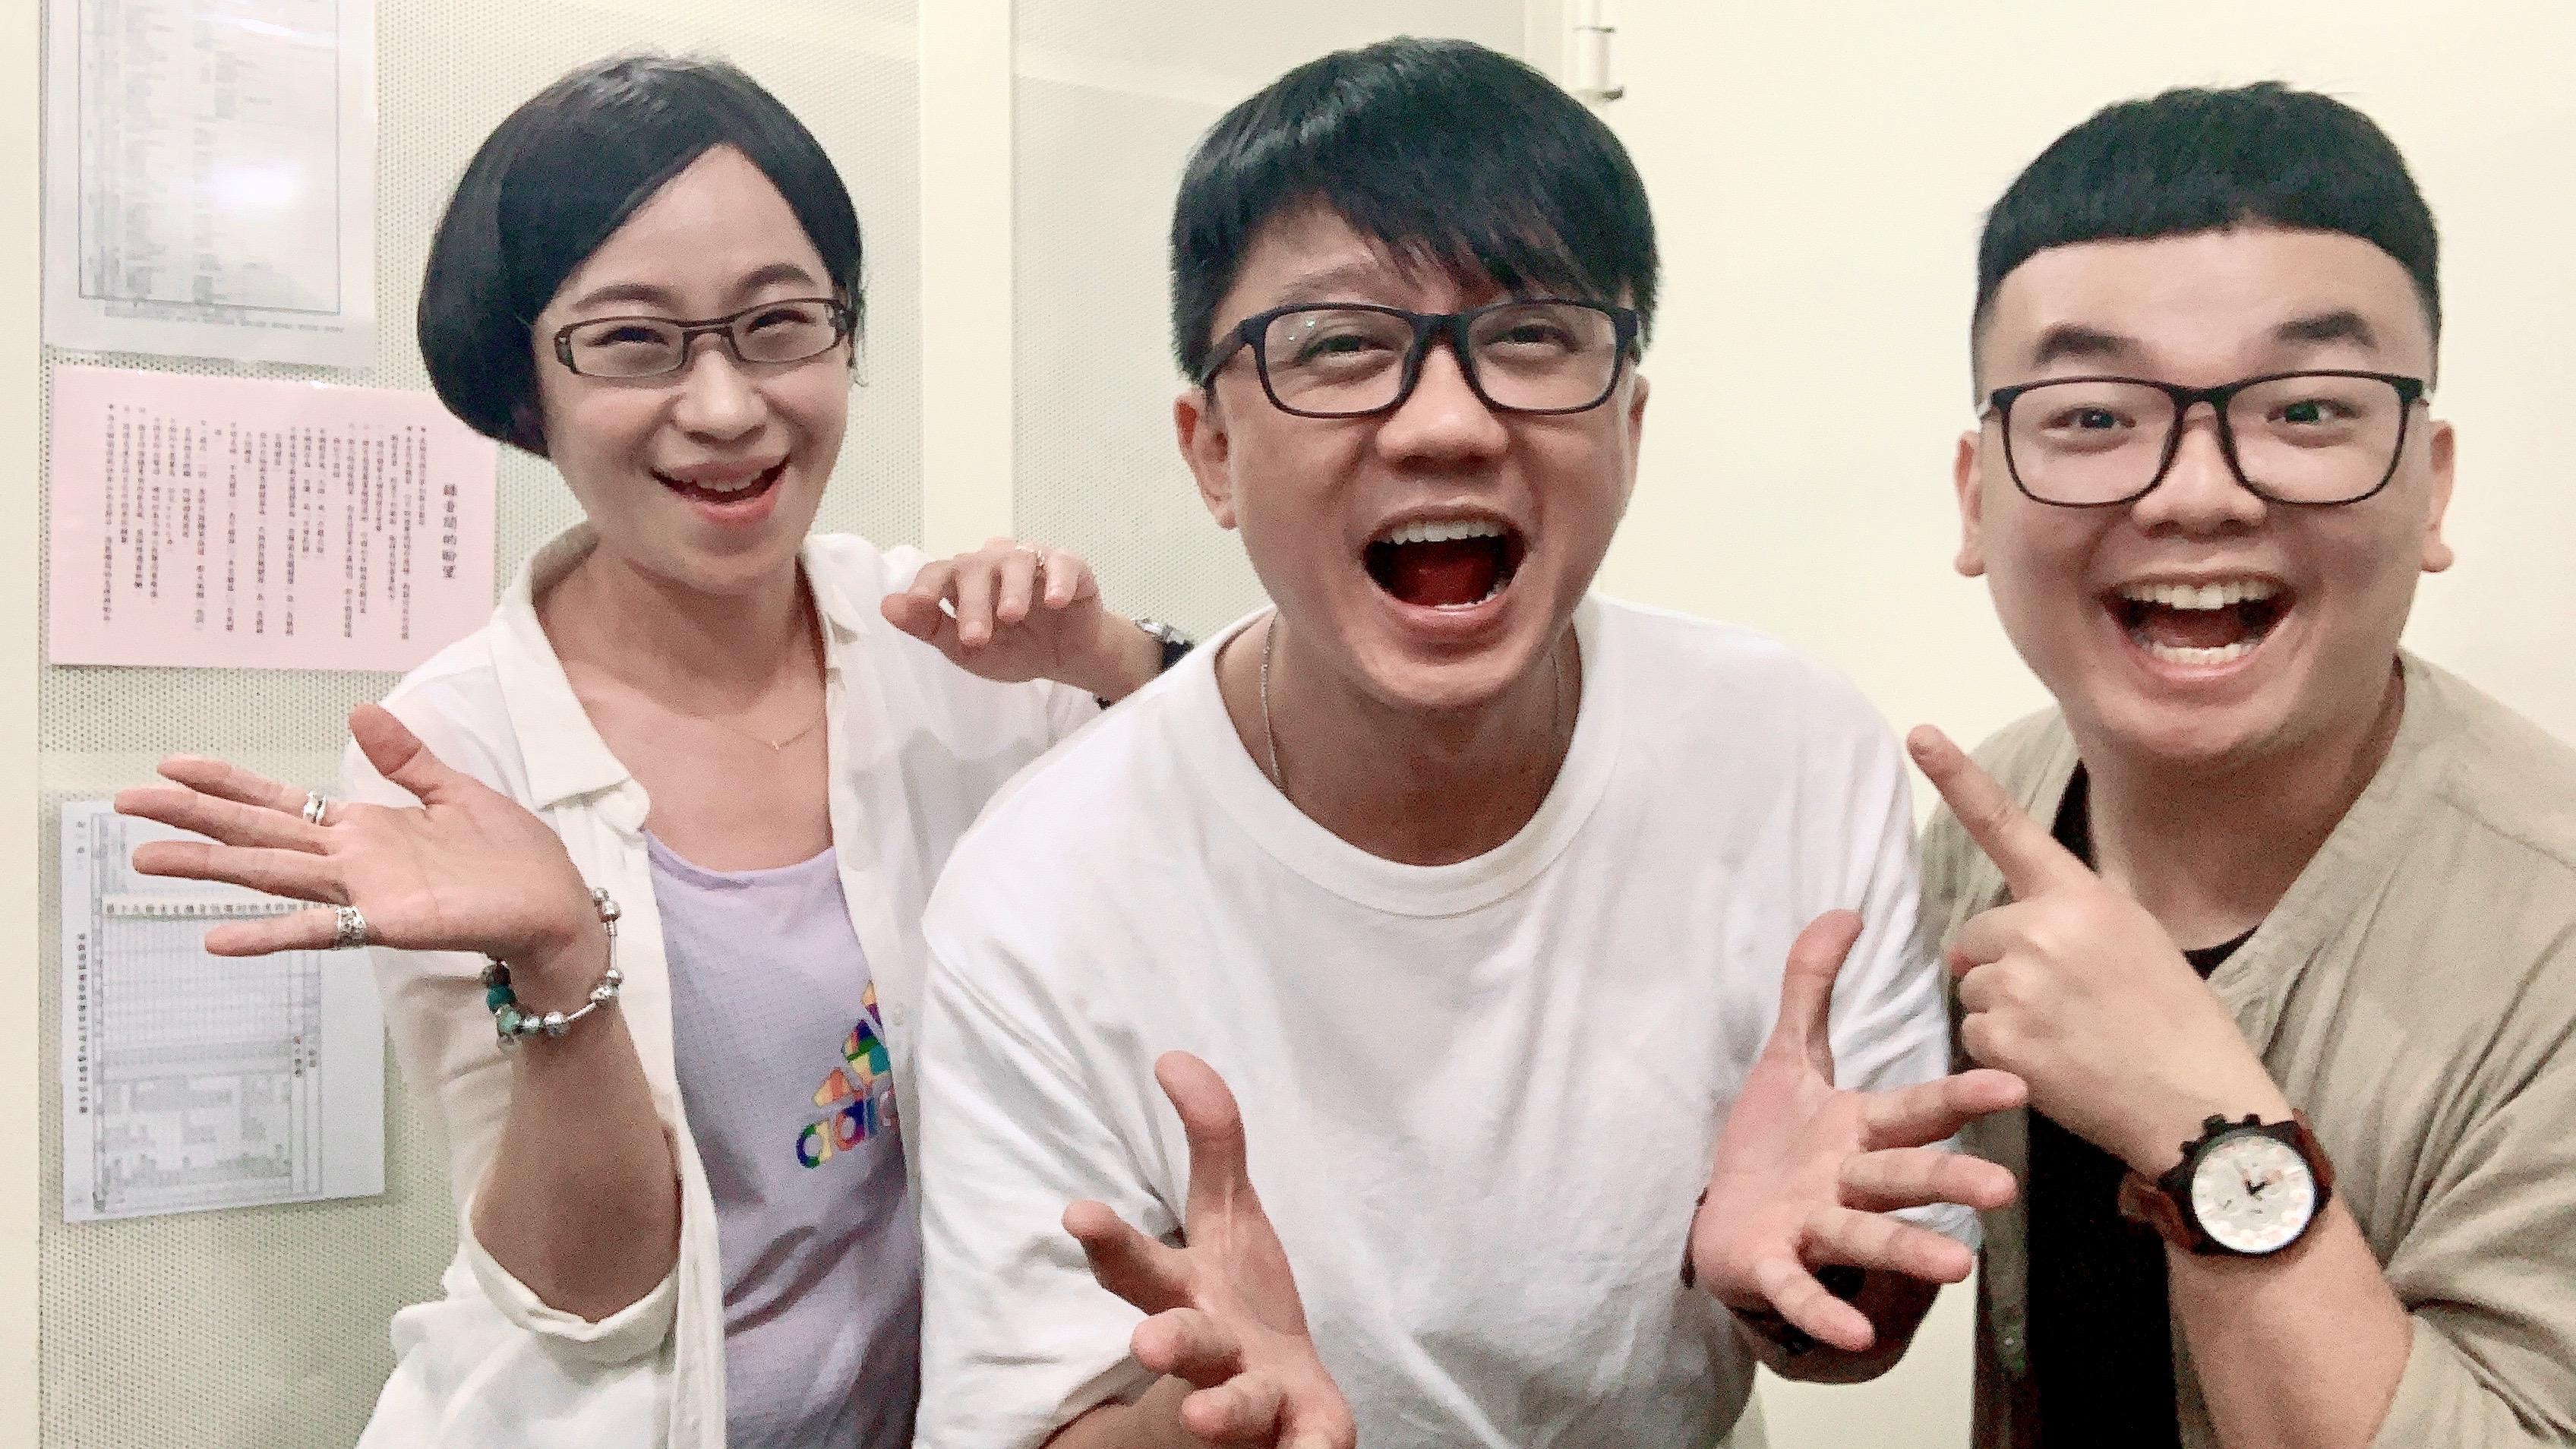 文青+台客風的金鐘得主-李霖松